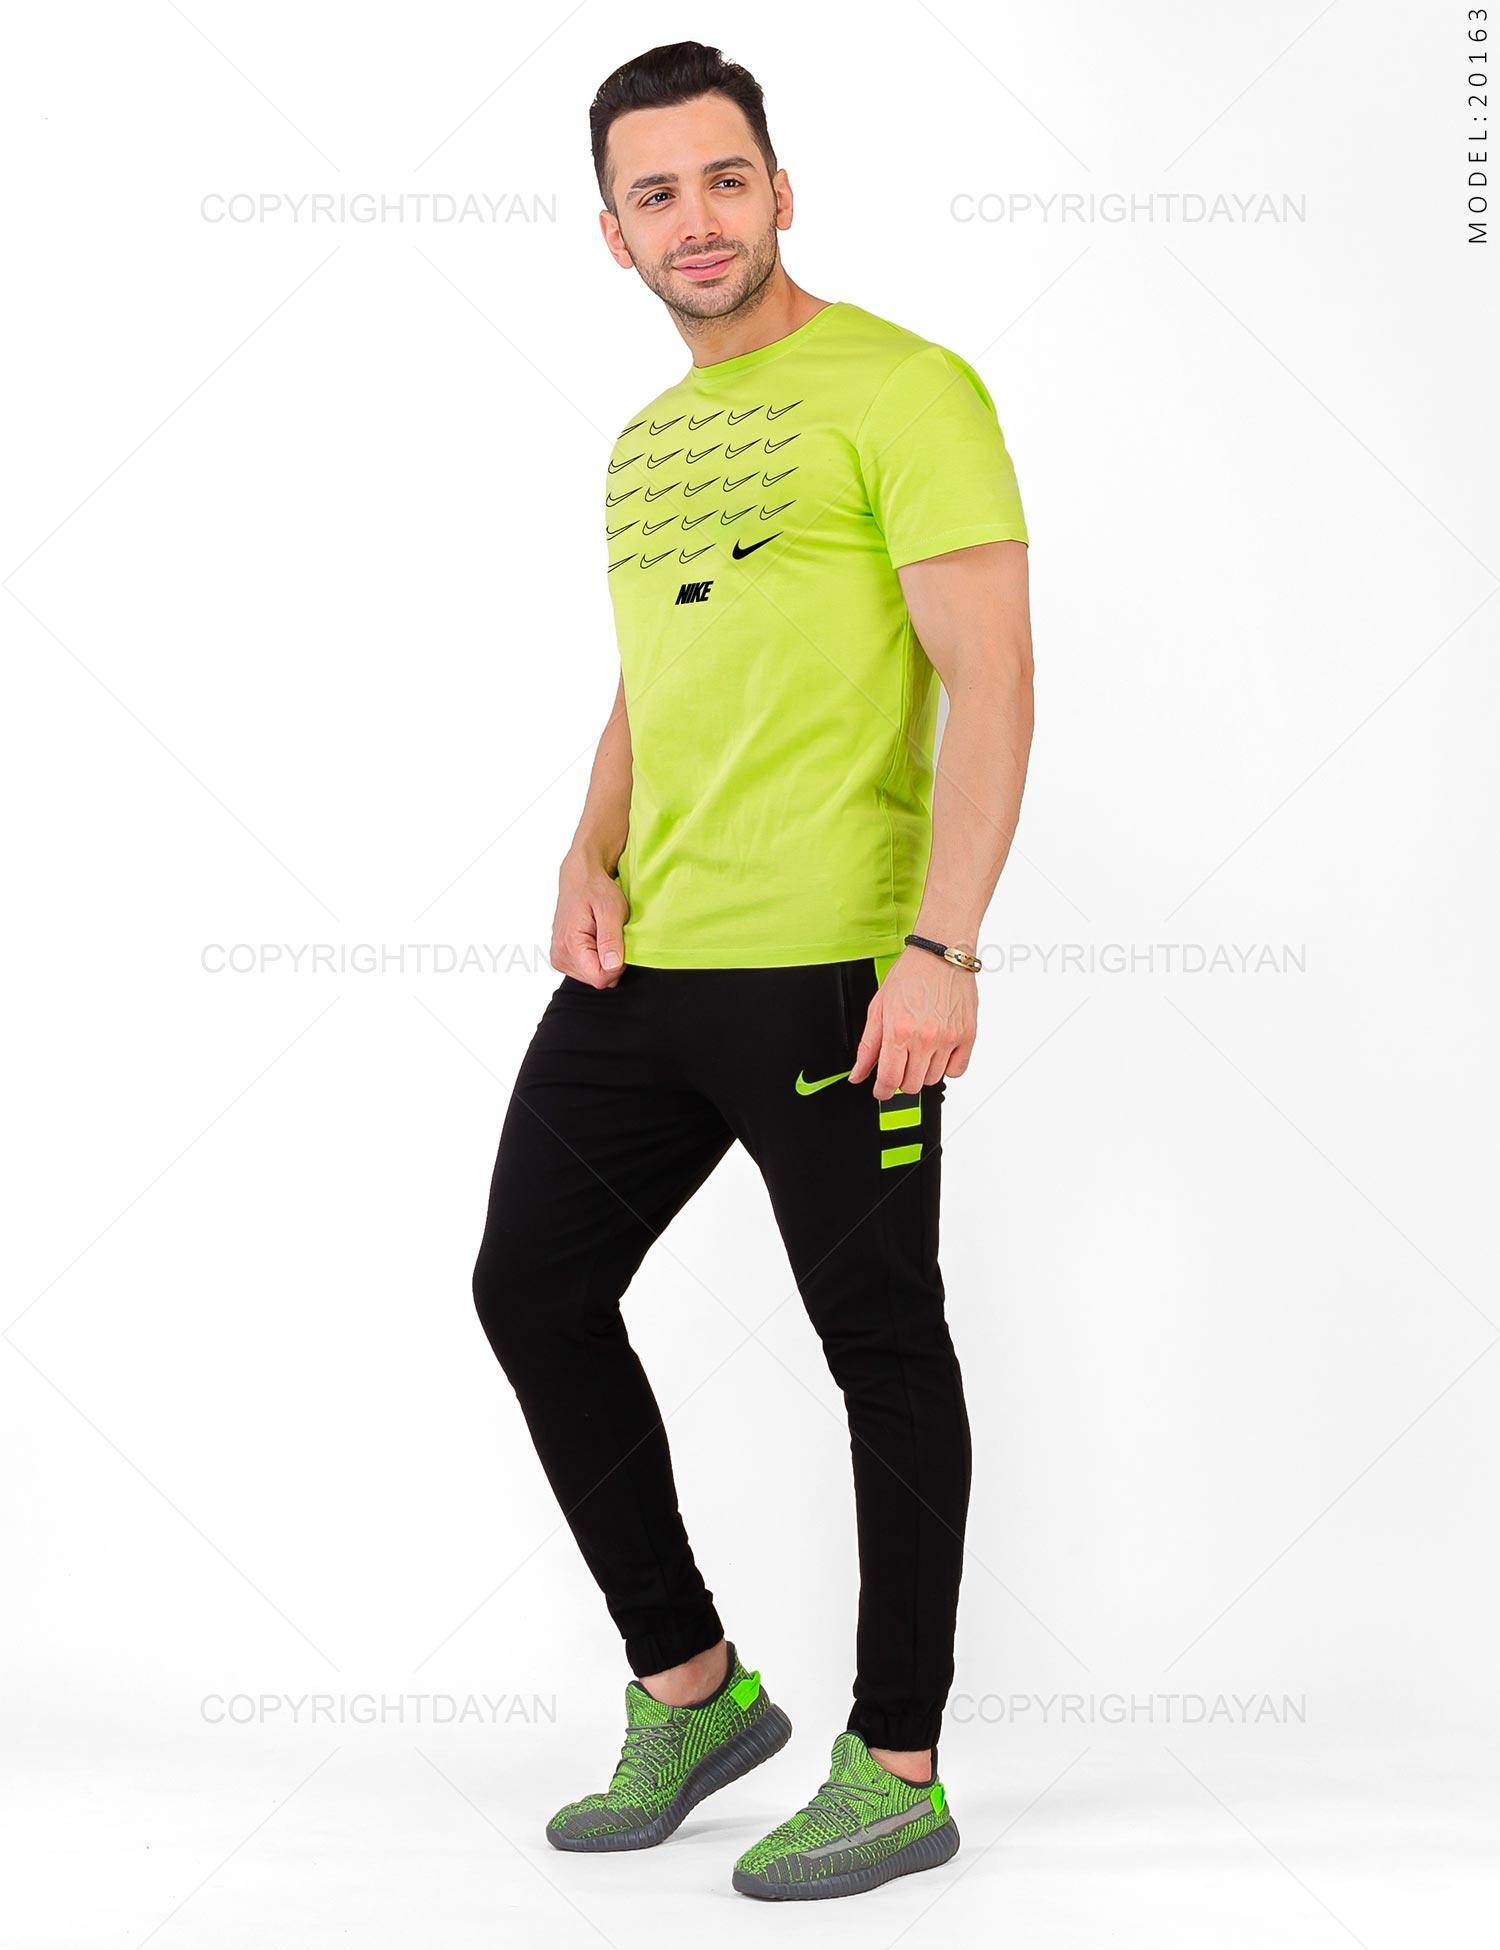 ست تیشرت و شلوار مردانه Nike مدل 20163